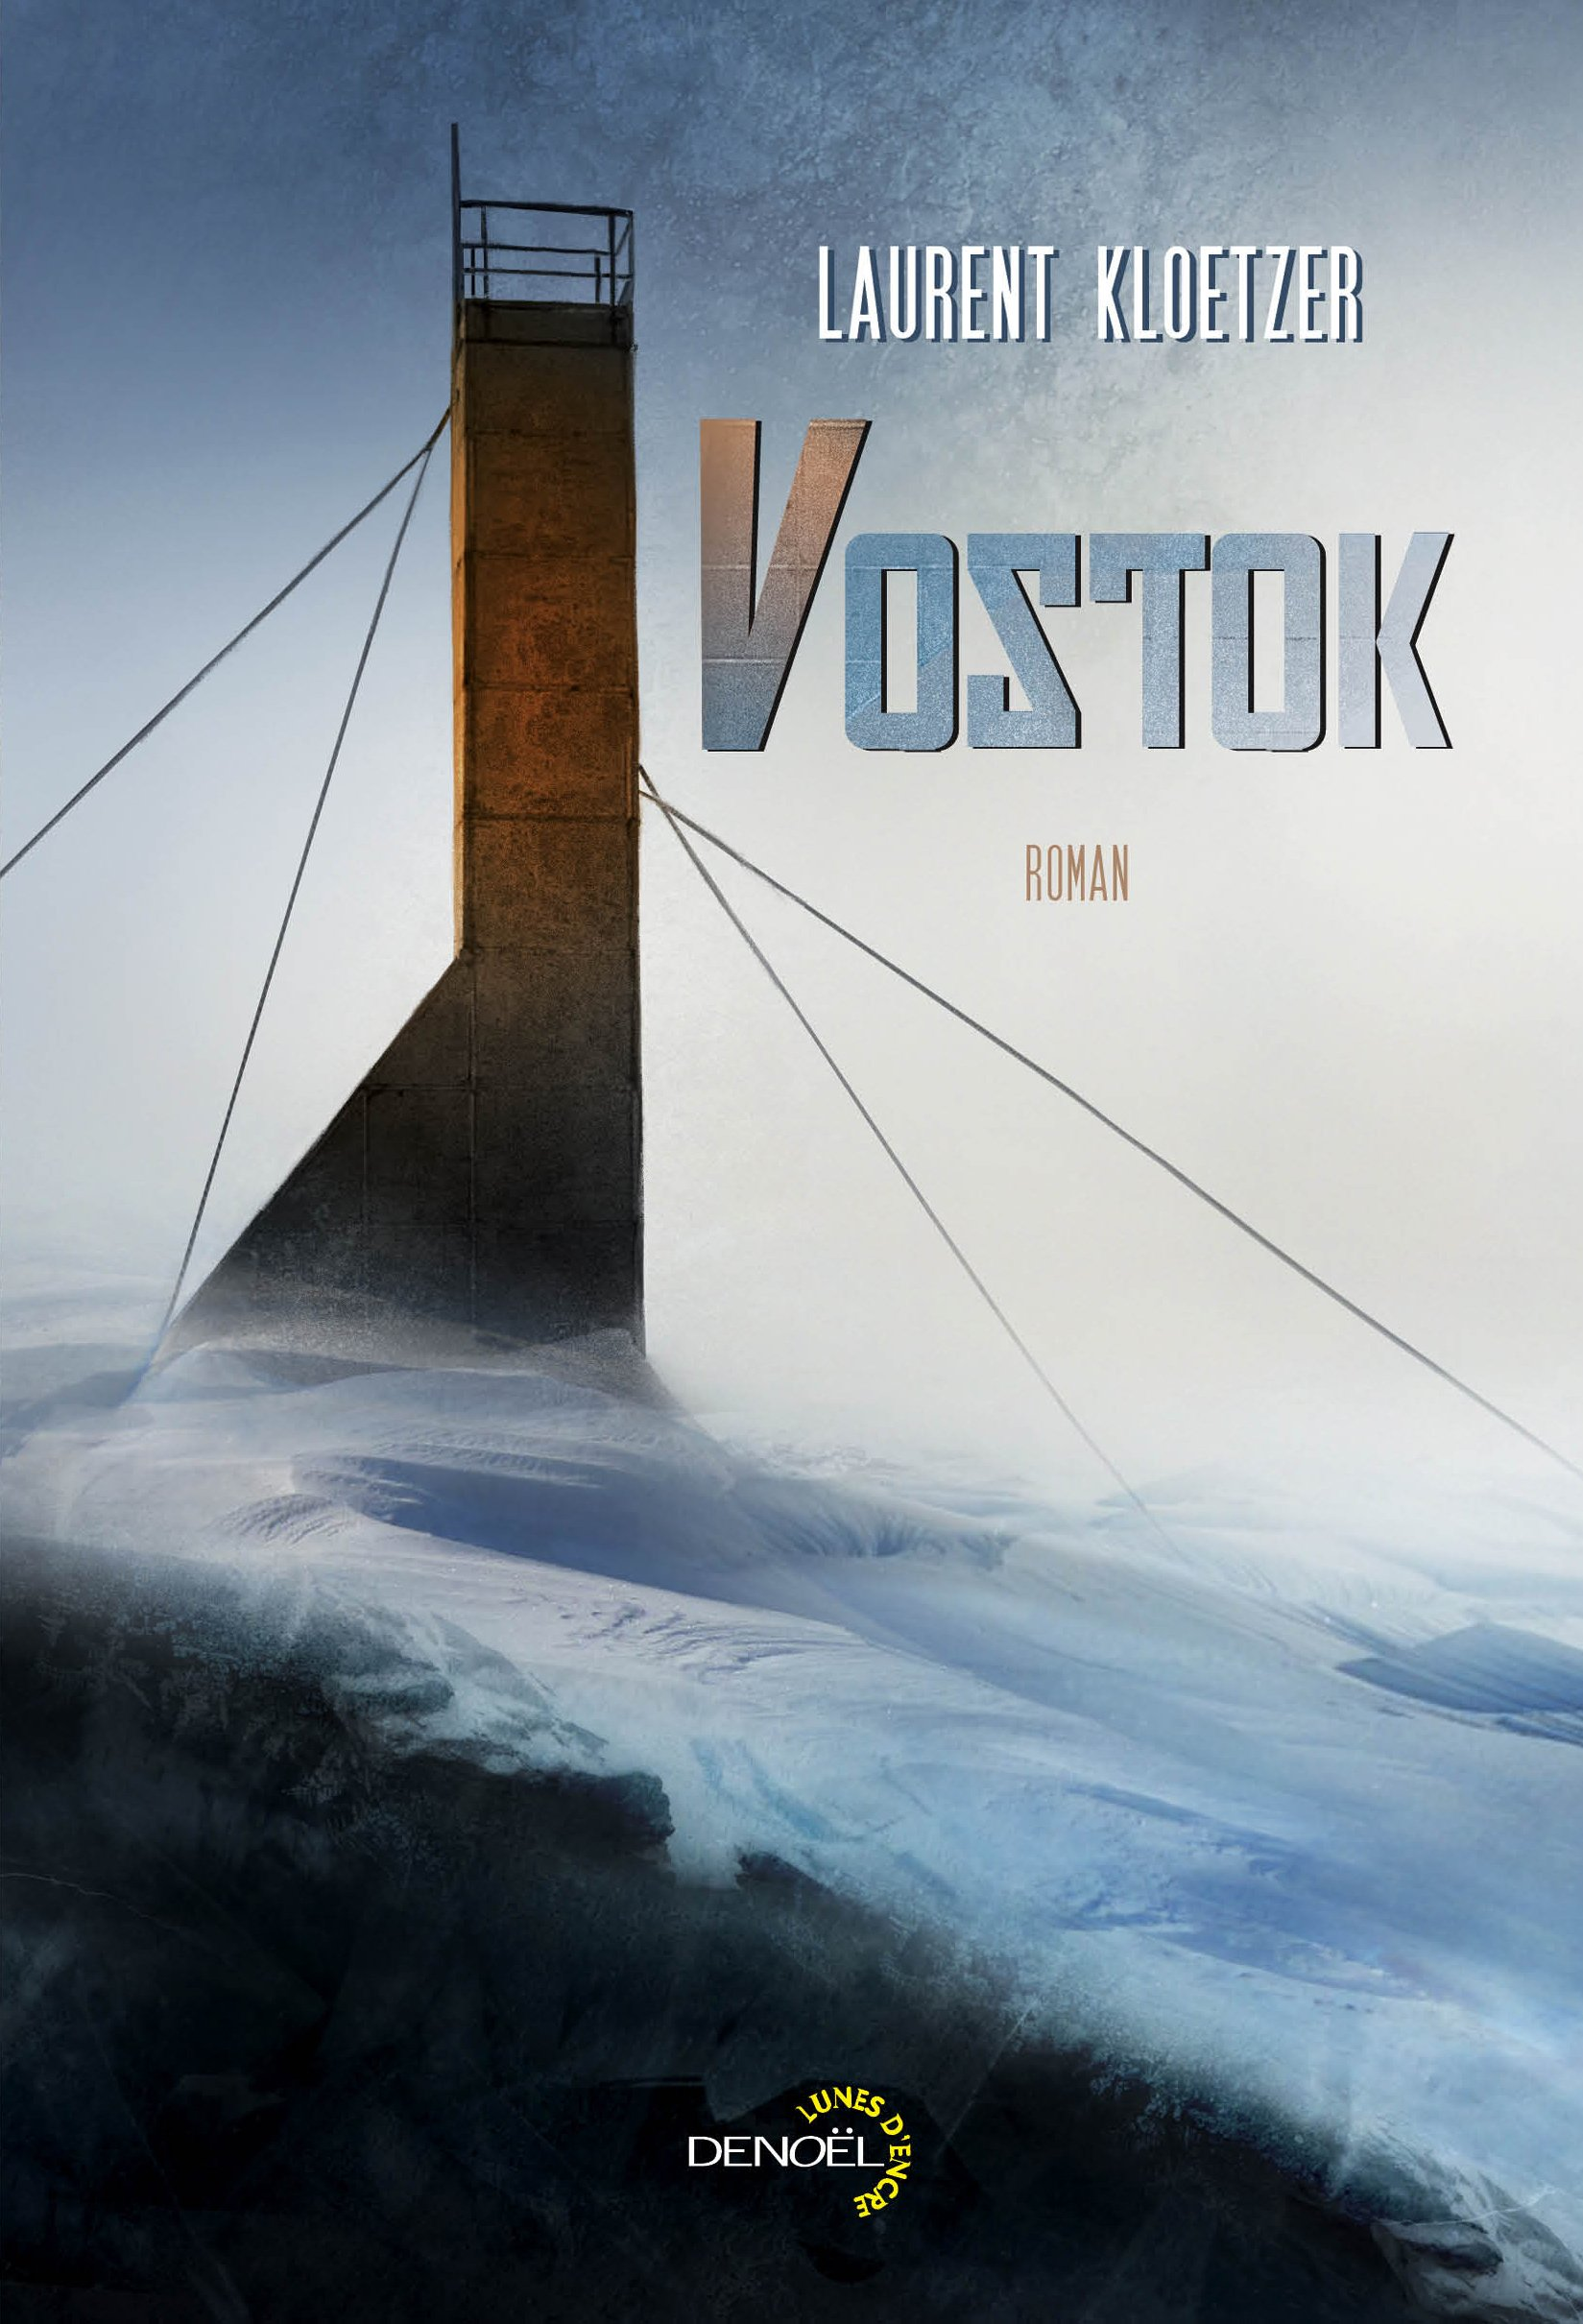 Laurent Kloetzer - Vostok